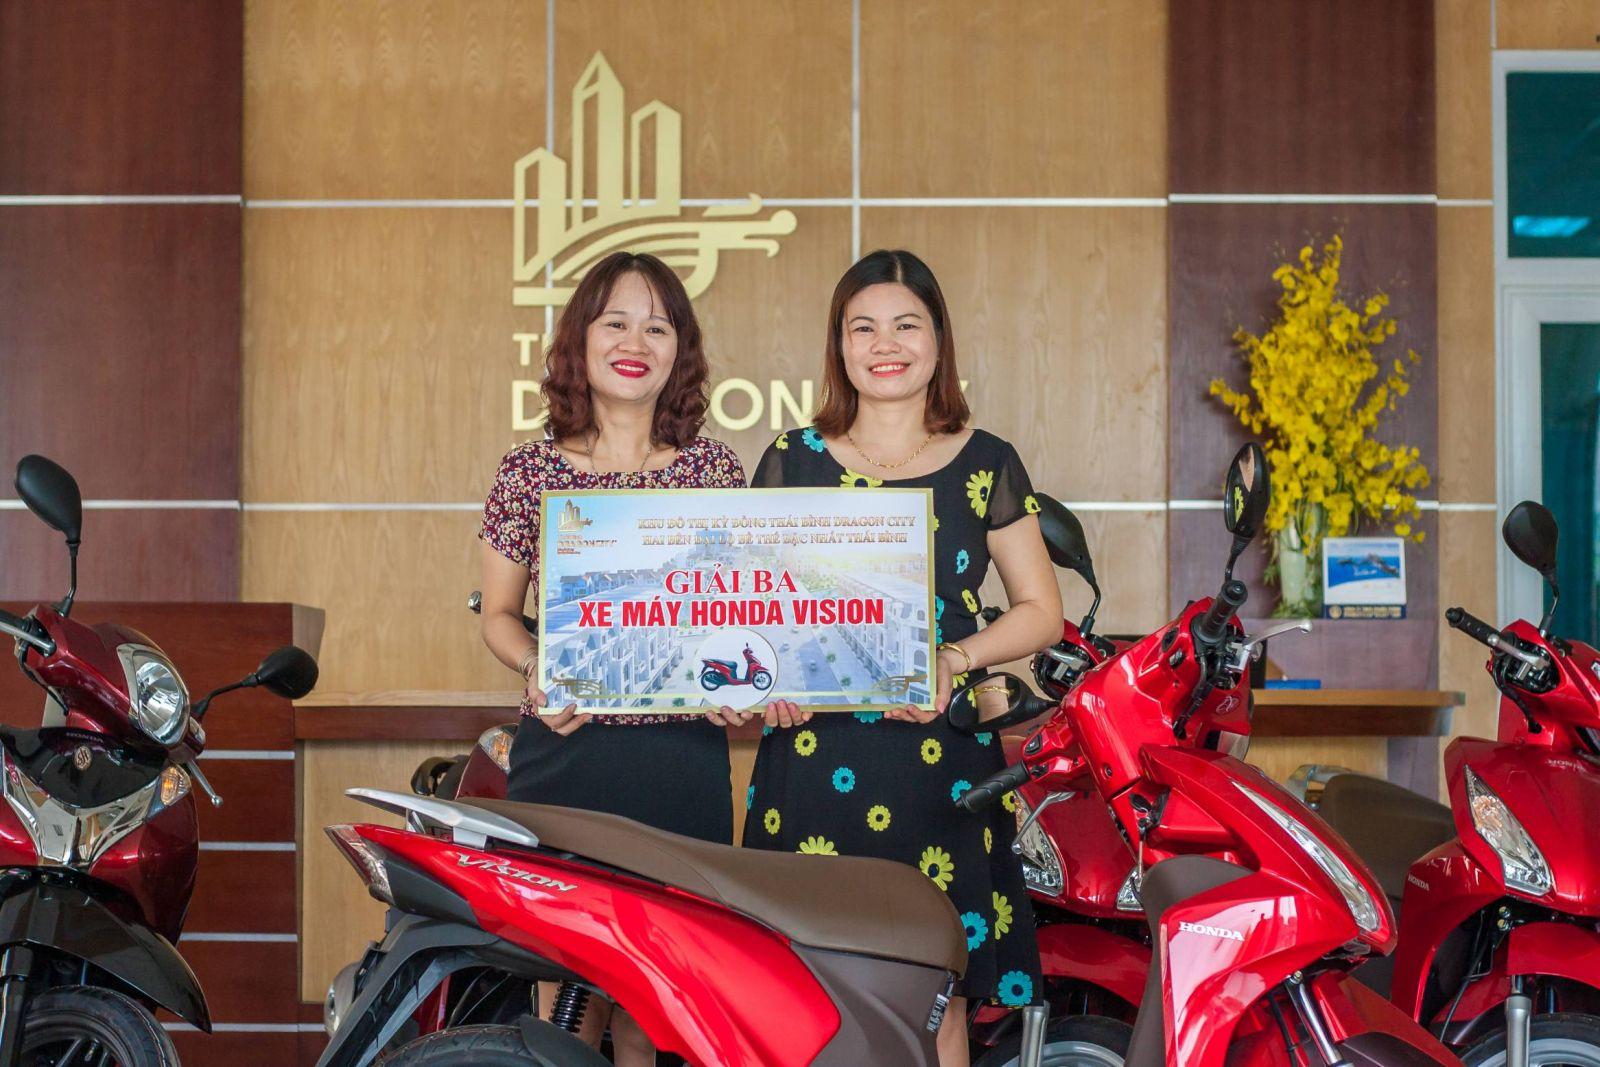 Trao giải Kỳ Đồng Thái Bình Dragon City